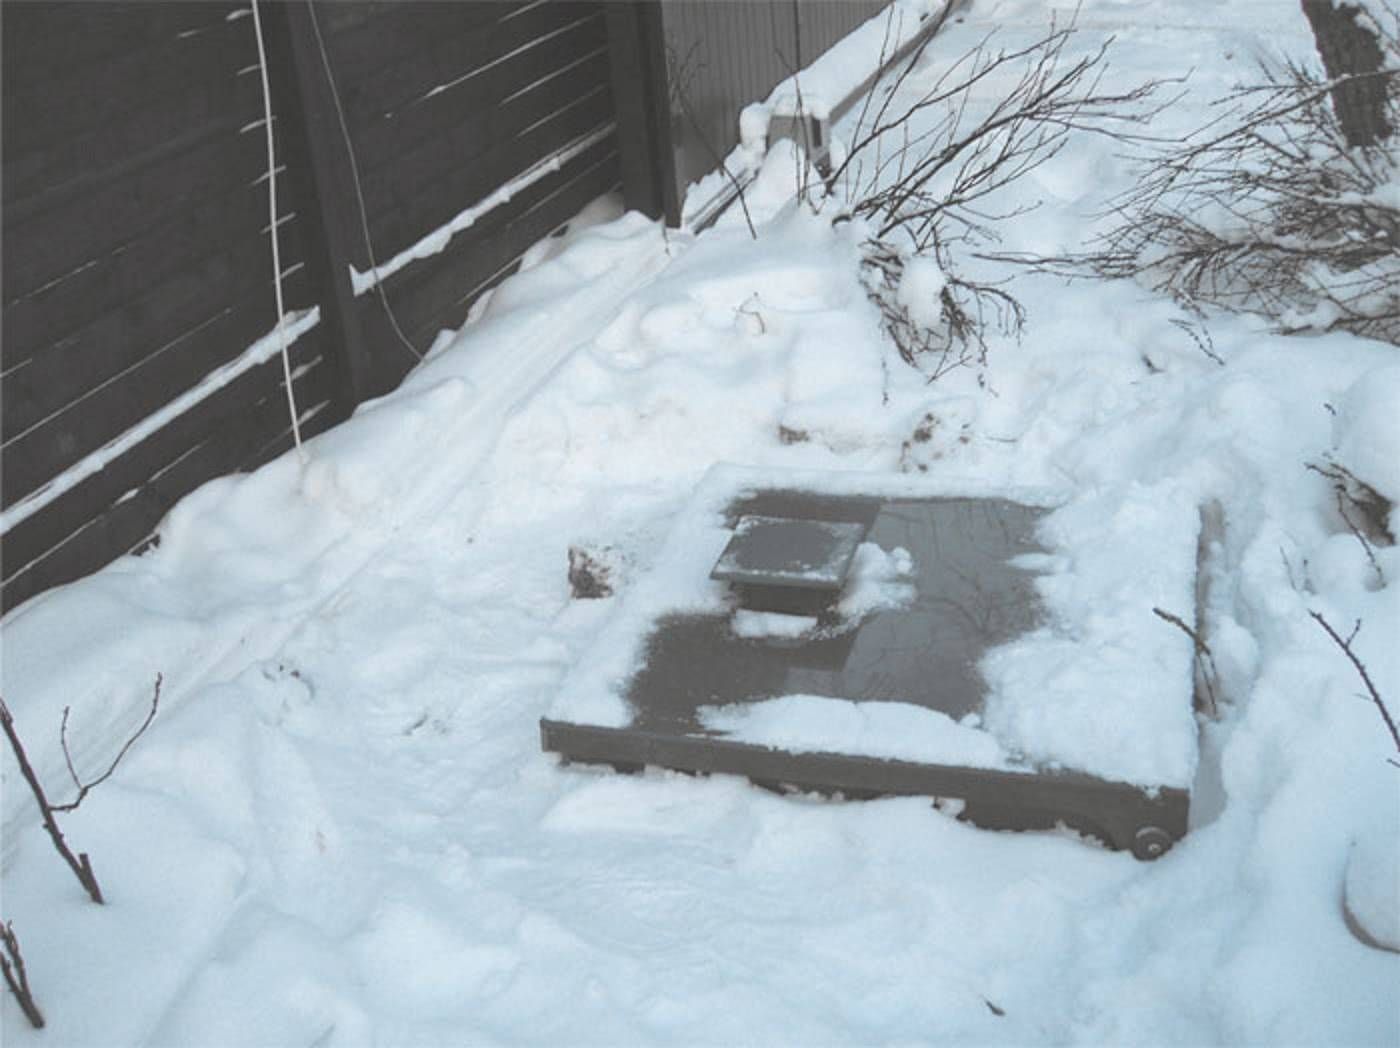 Консервация септика на зиму — инструкция по эксплуатации септика зимой